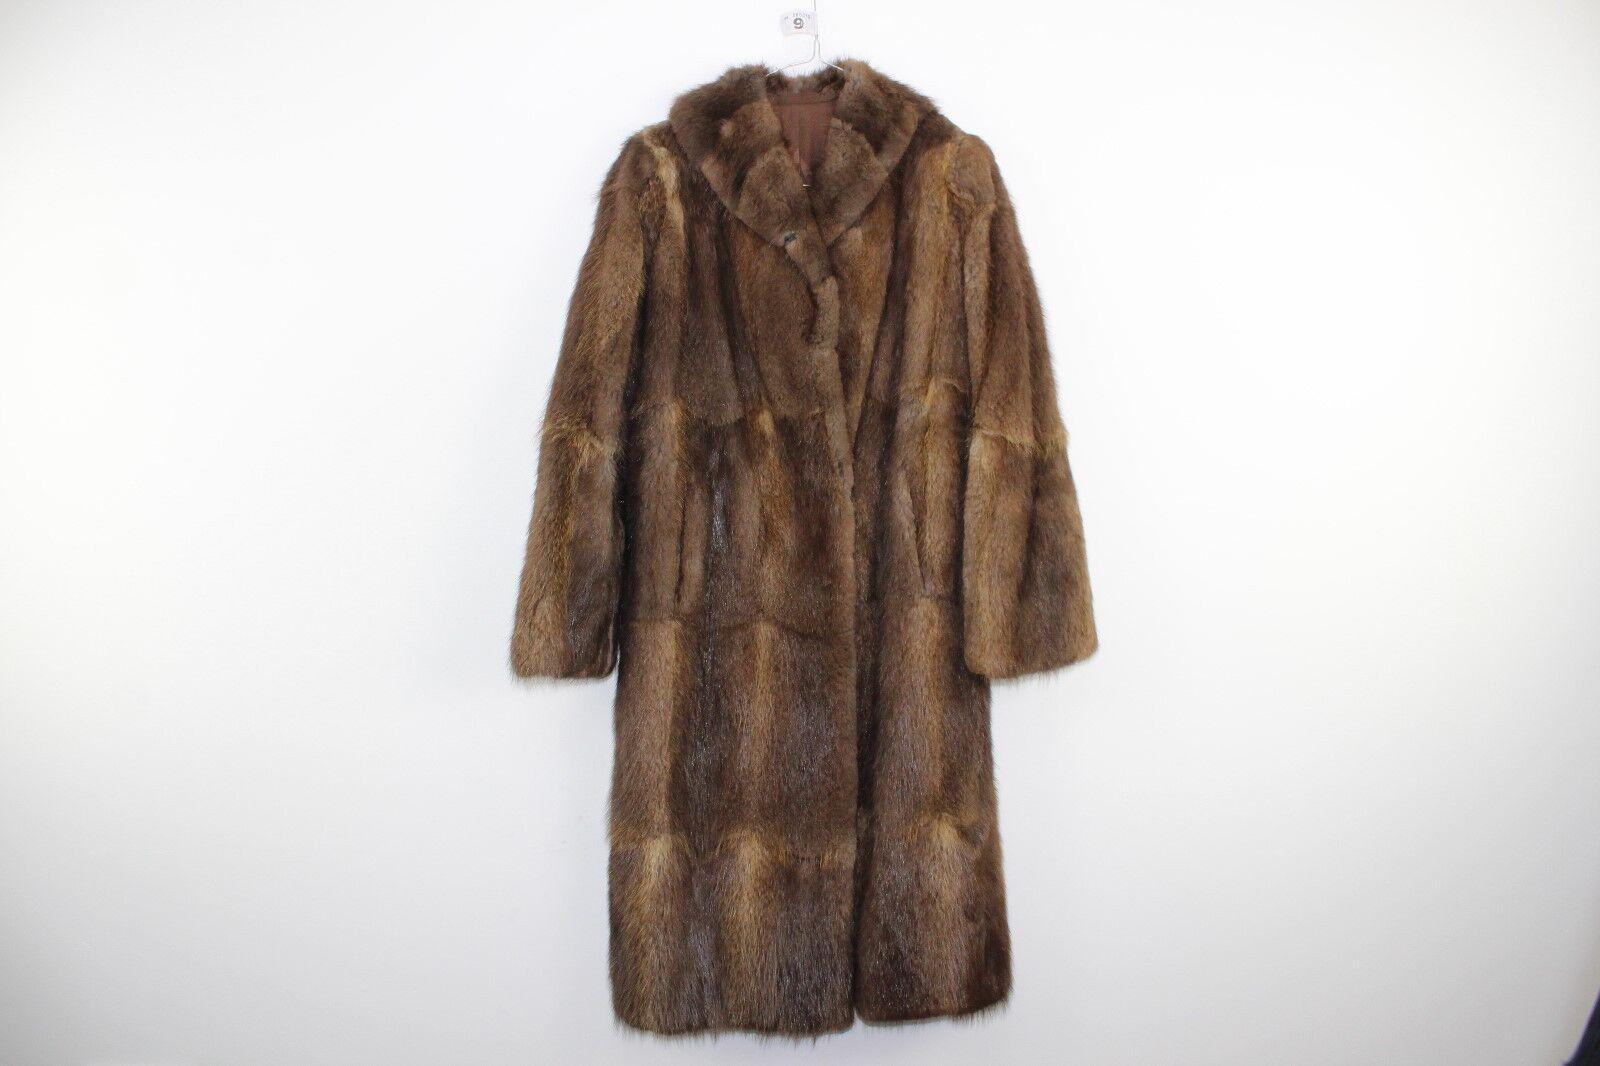 ... Da Donna Pelliccia taglia Marronee giacca taglia Pelliccia vedi  descrizione No.W9 12 4 f52a66 789f5c8793c